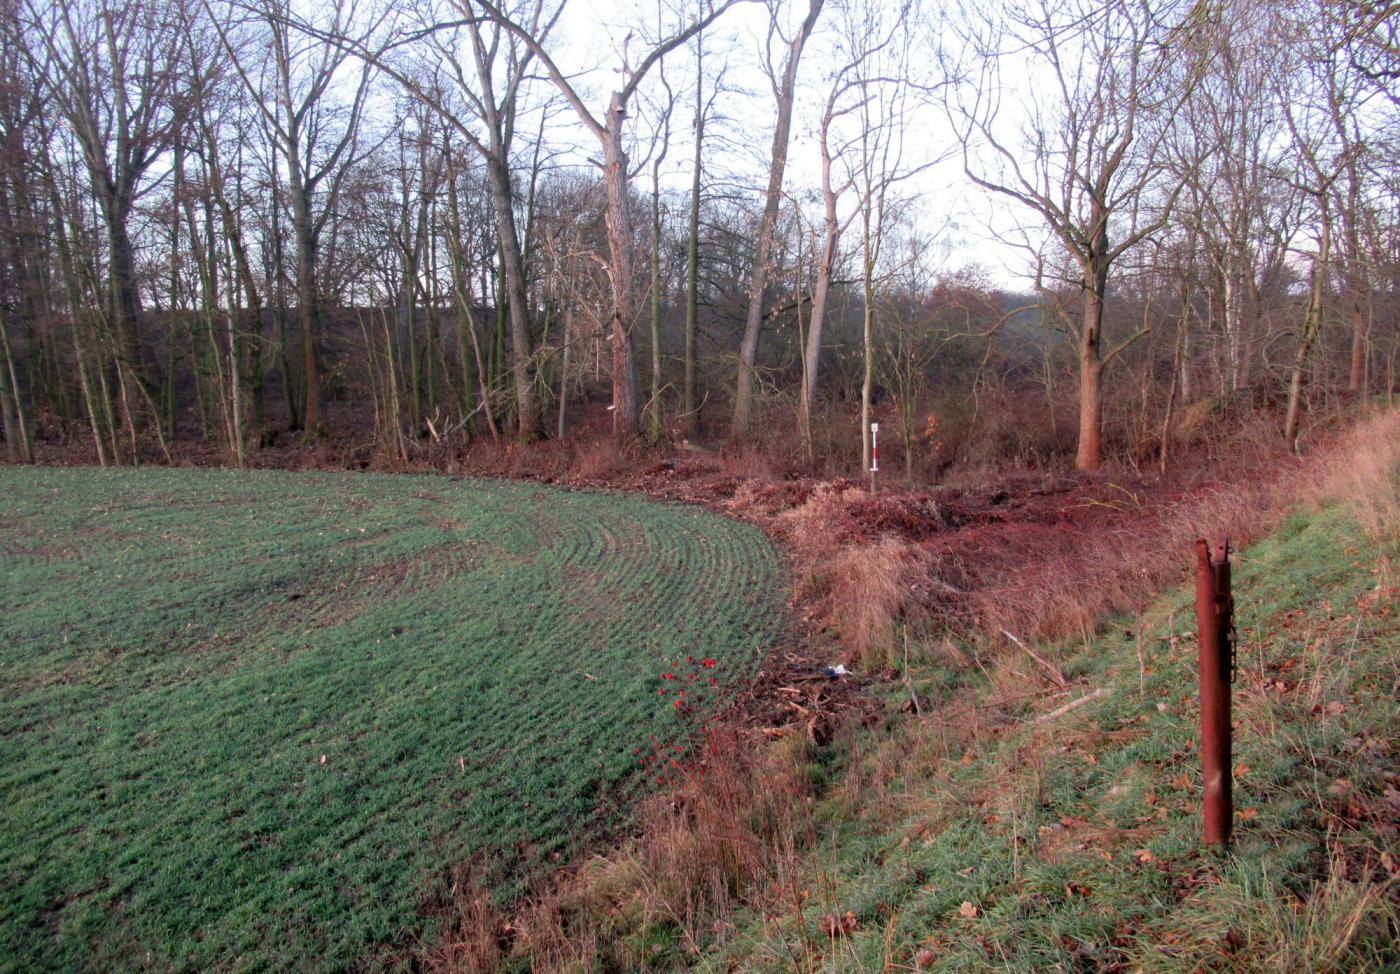 Deponie Außig, Gemeinde Cavertitz - Rückbau von zwei Grundwassermessstellen zur Umsetzung der Forderungen der Landesdirektion Sachsen im Landkreis Nordsachsen (SALKA-Nr.: 80100152)